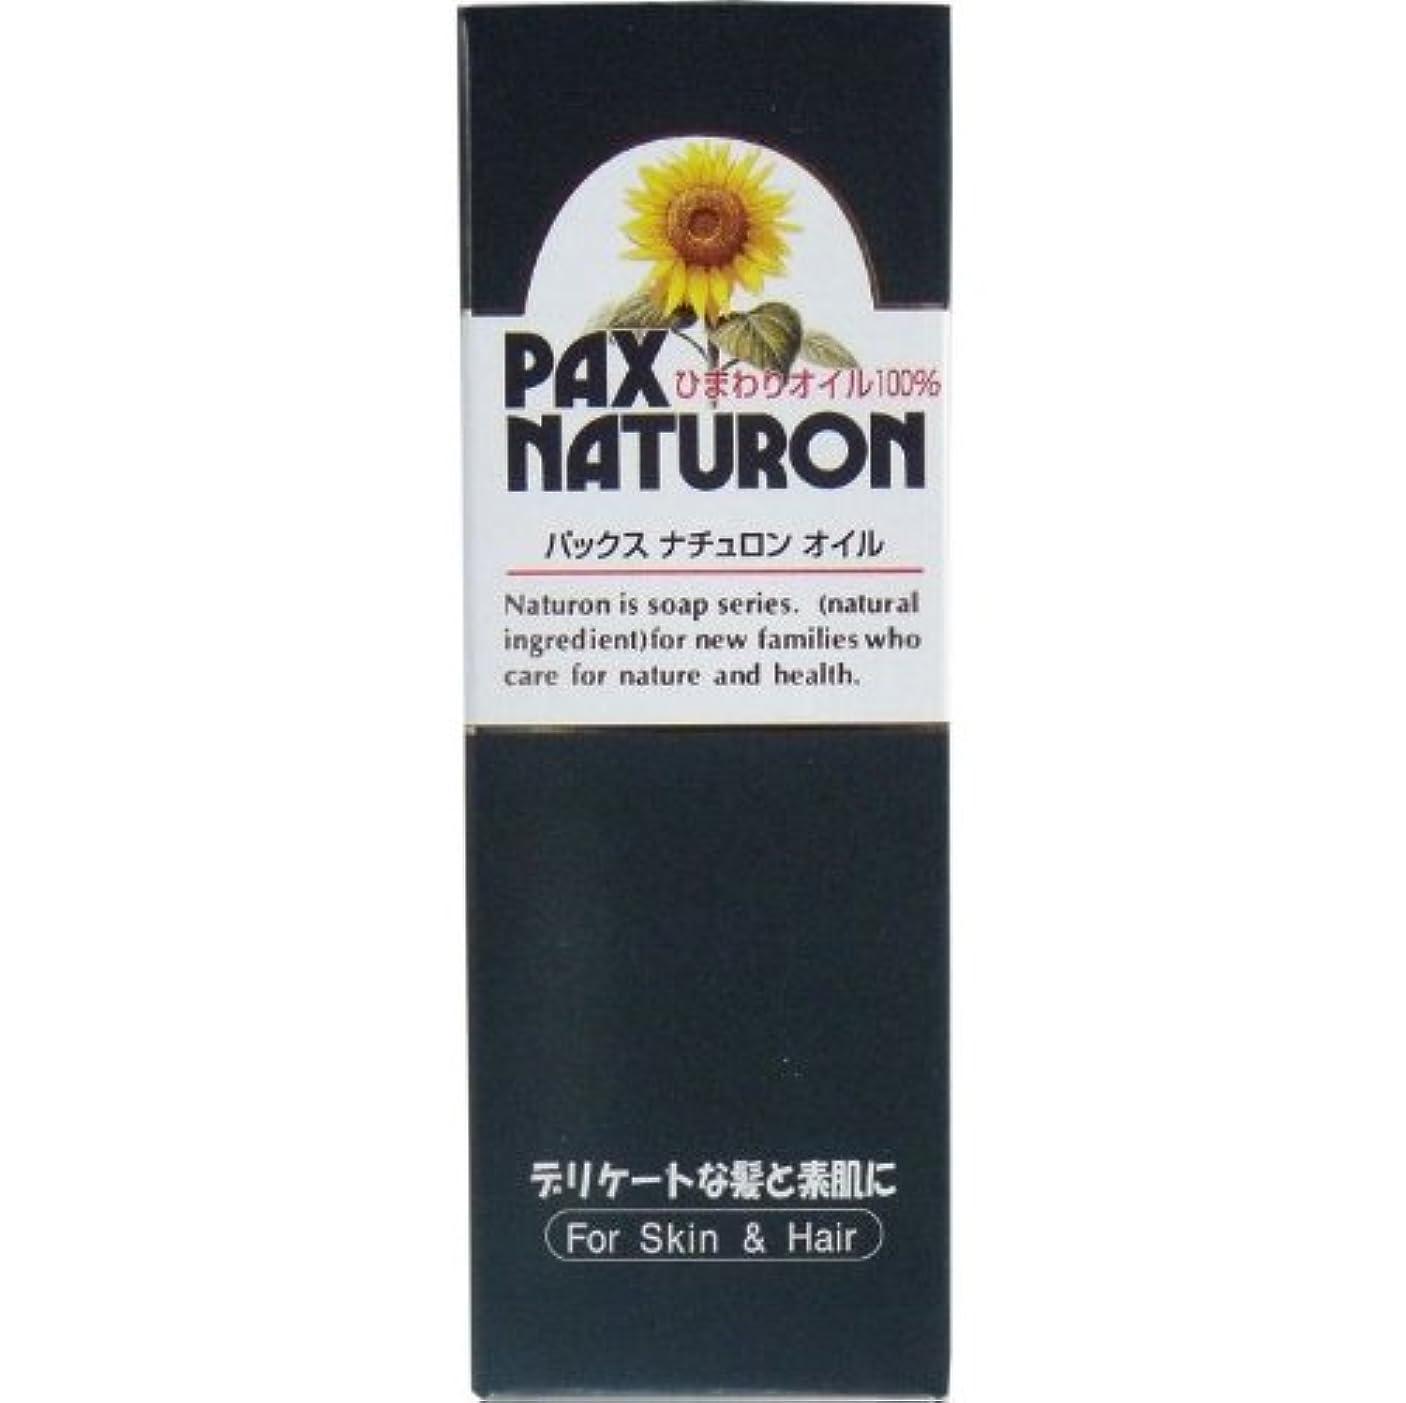 デリケートな髪と素肌に!ひまわりの種子から採った ハイオレイックひまわり油 60mL【4個セット】